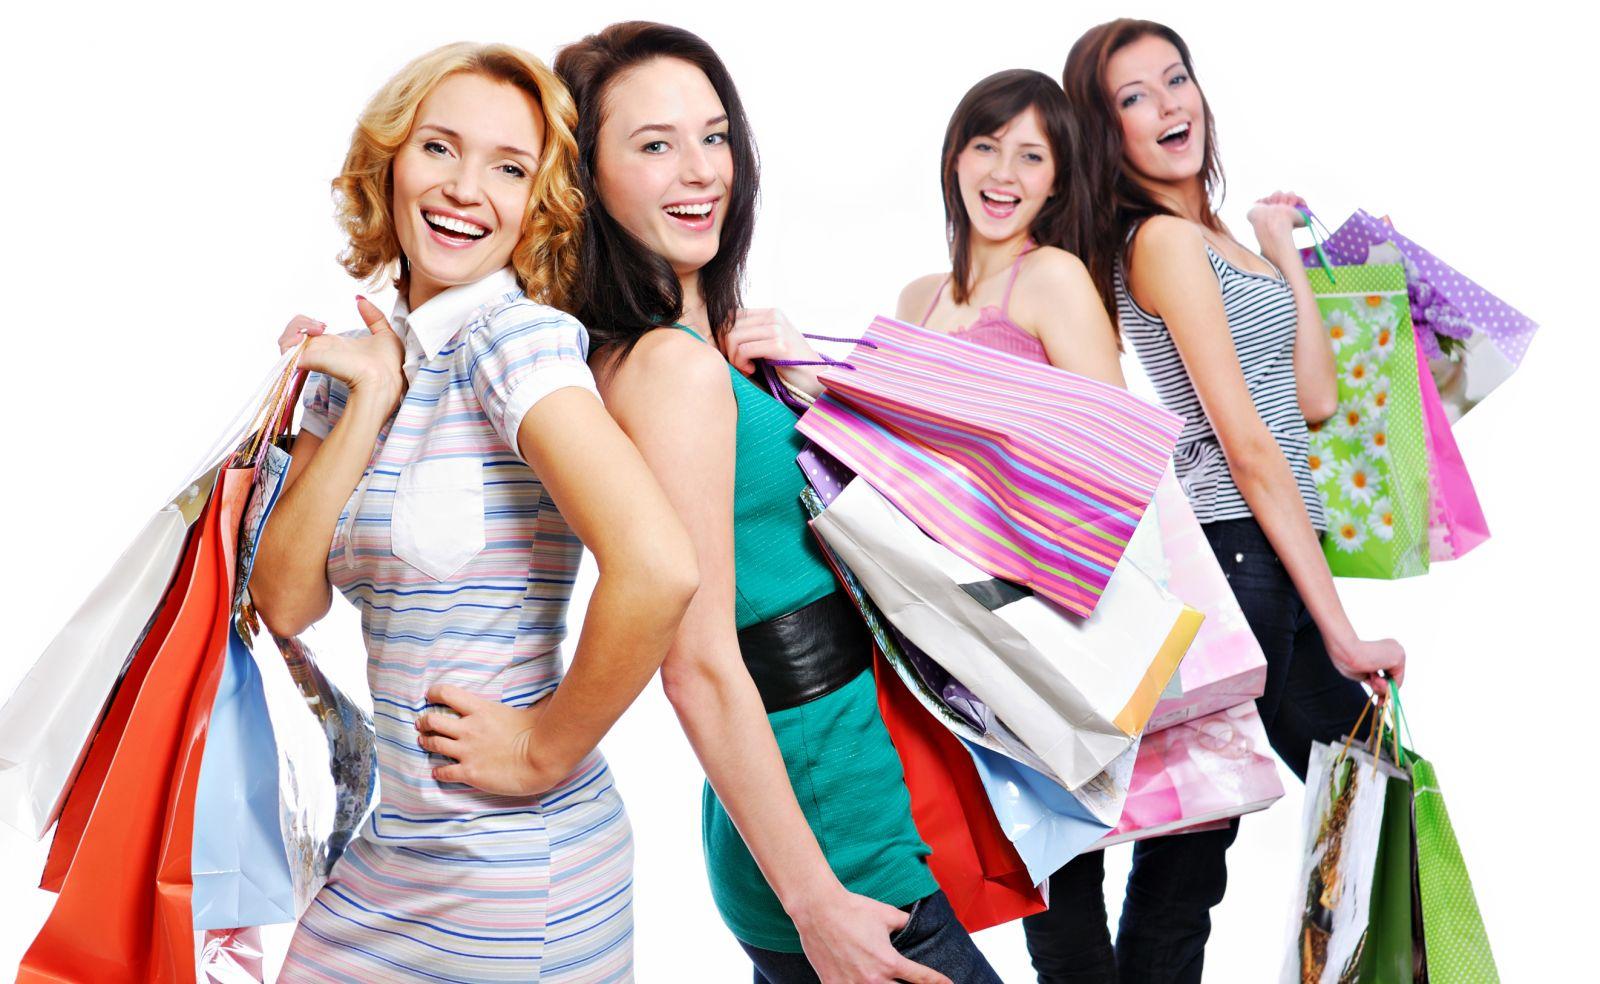 ffaa08c7693 Новый формат обновления интернет-магазина модной женской одежды